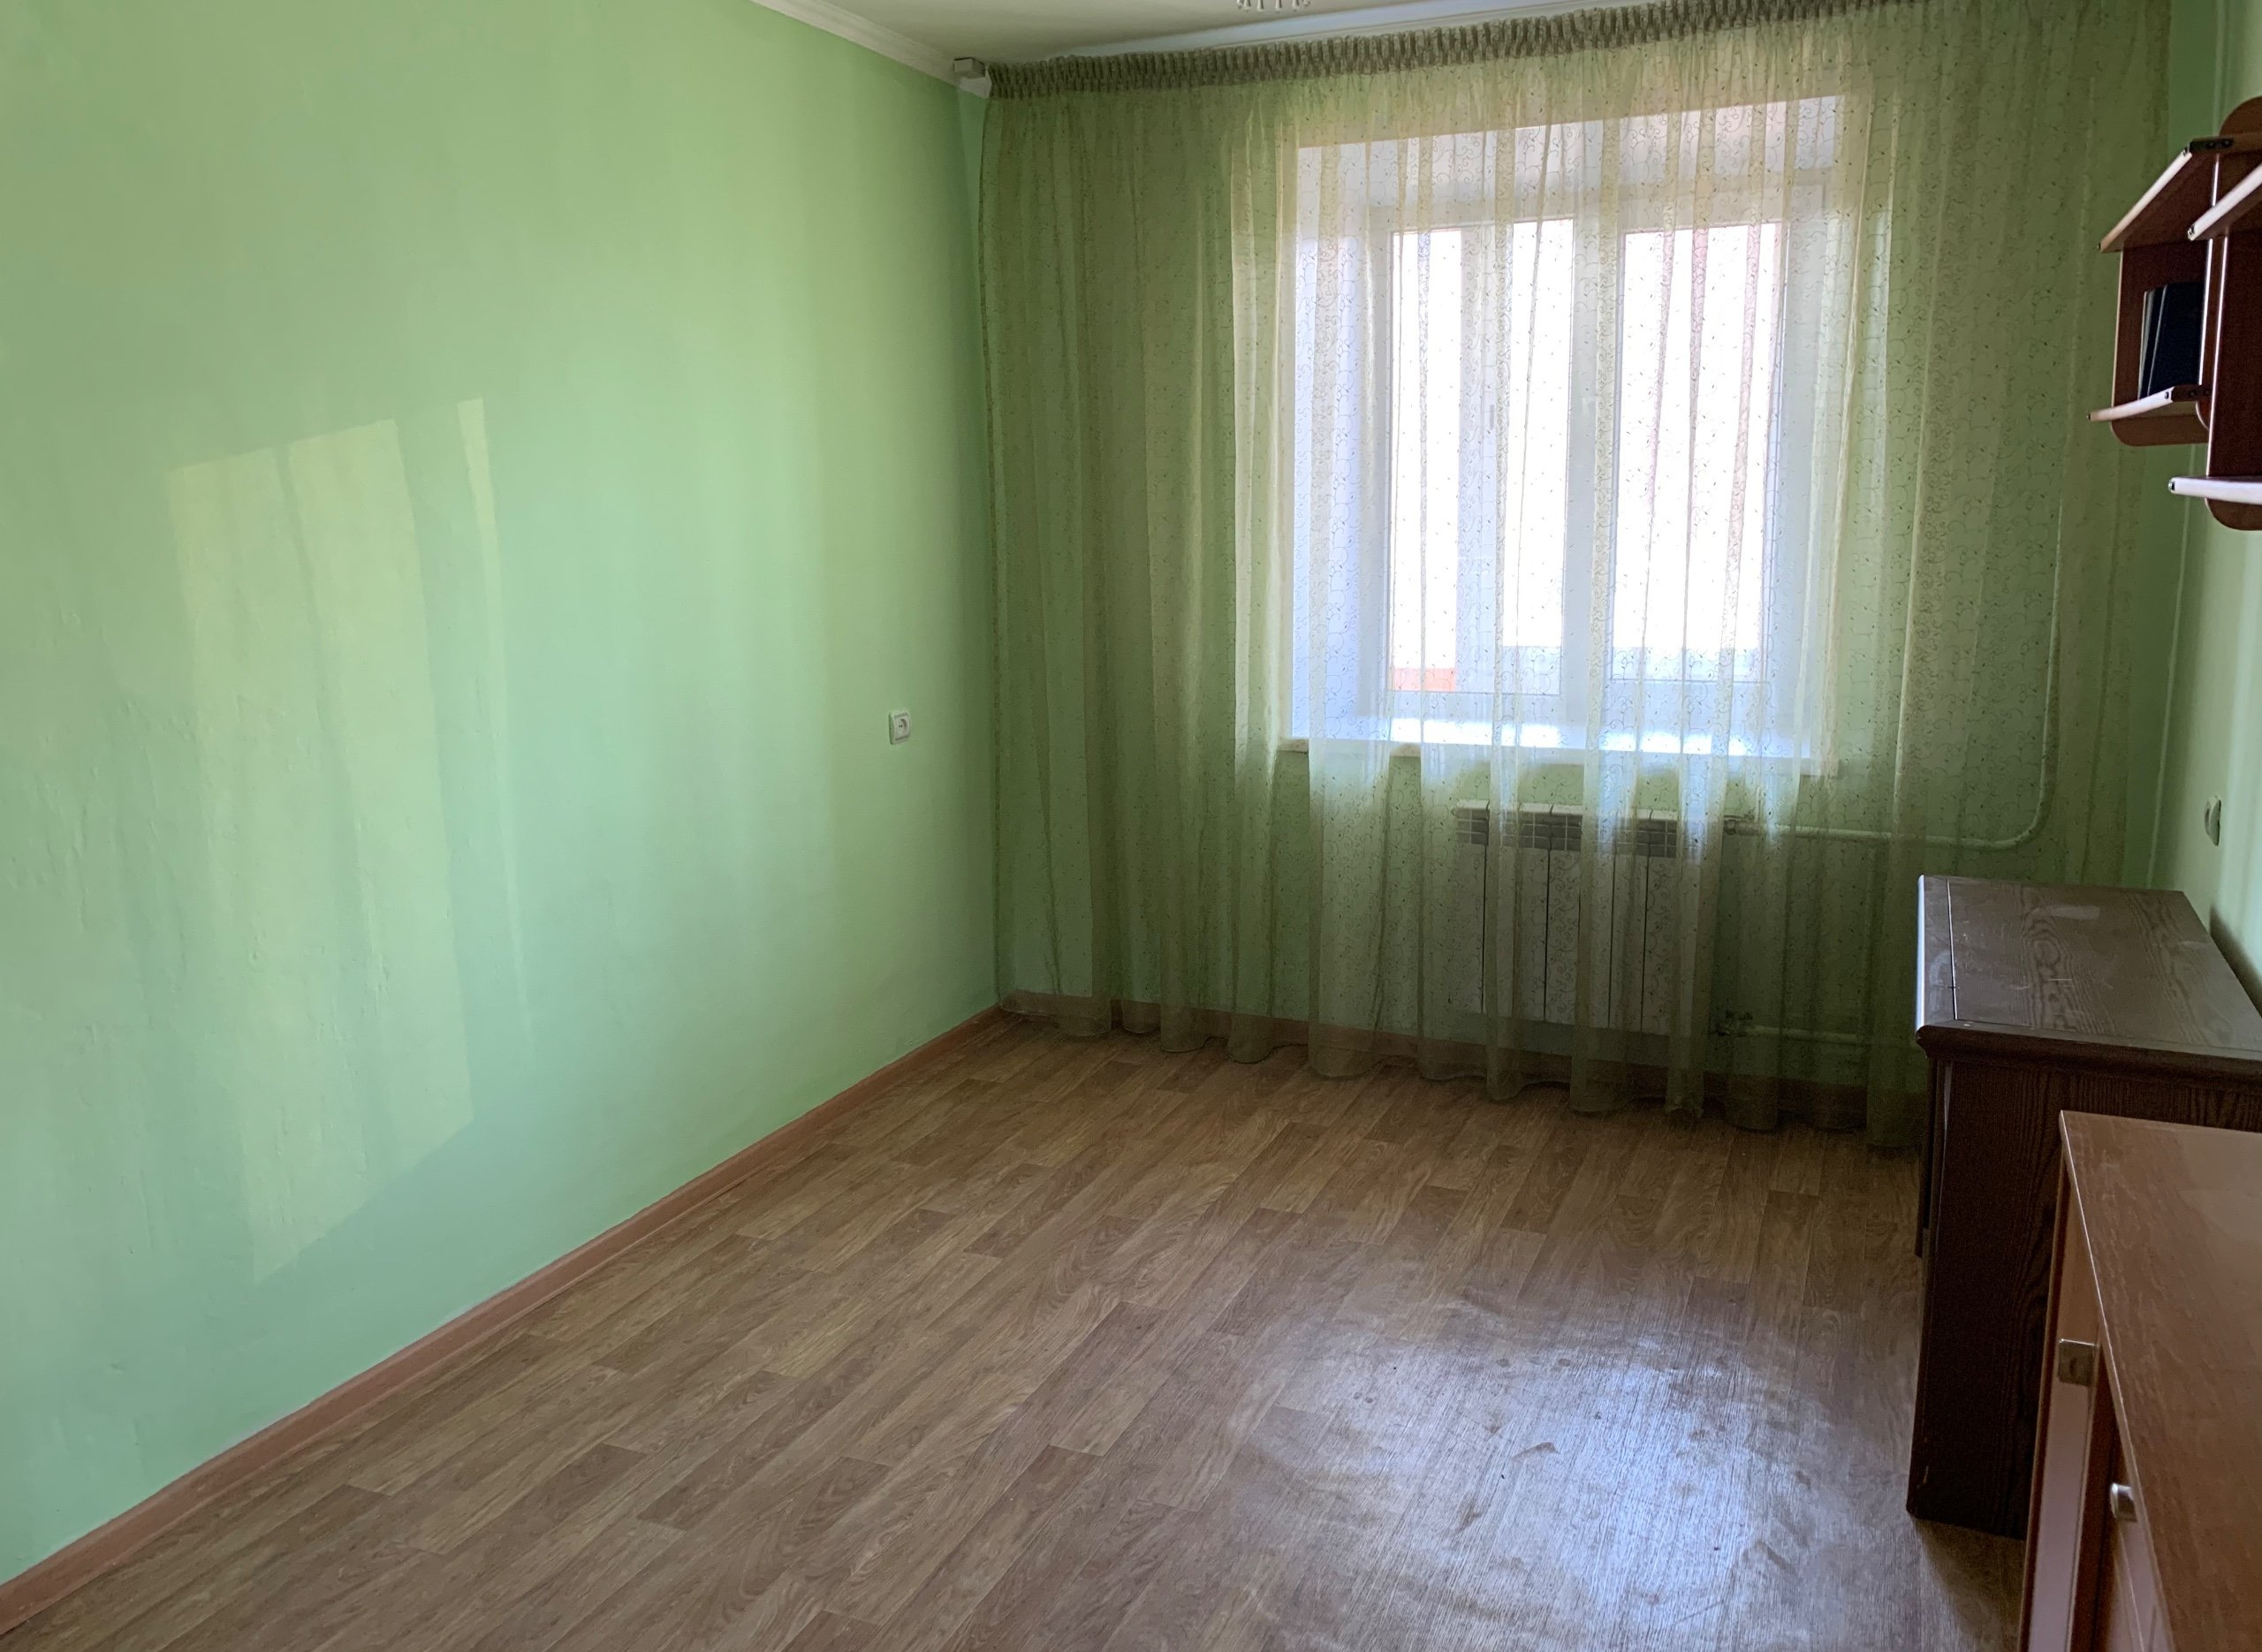 2к квартира ул Ады Лебедевой, д 66   24500   аренда в Красноярске фото 4